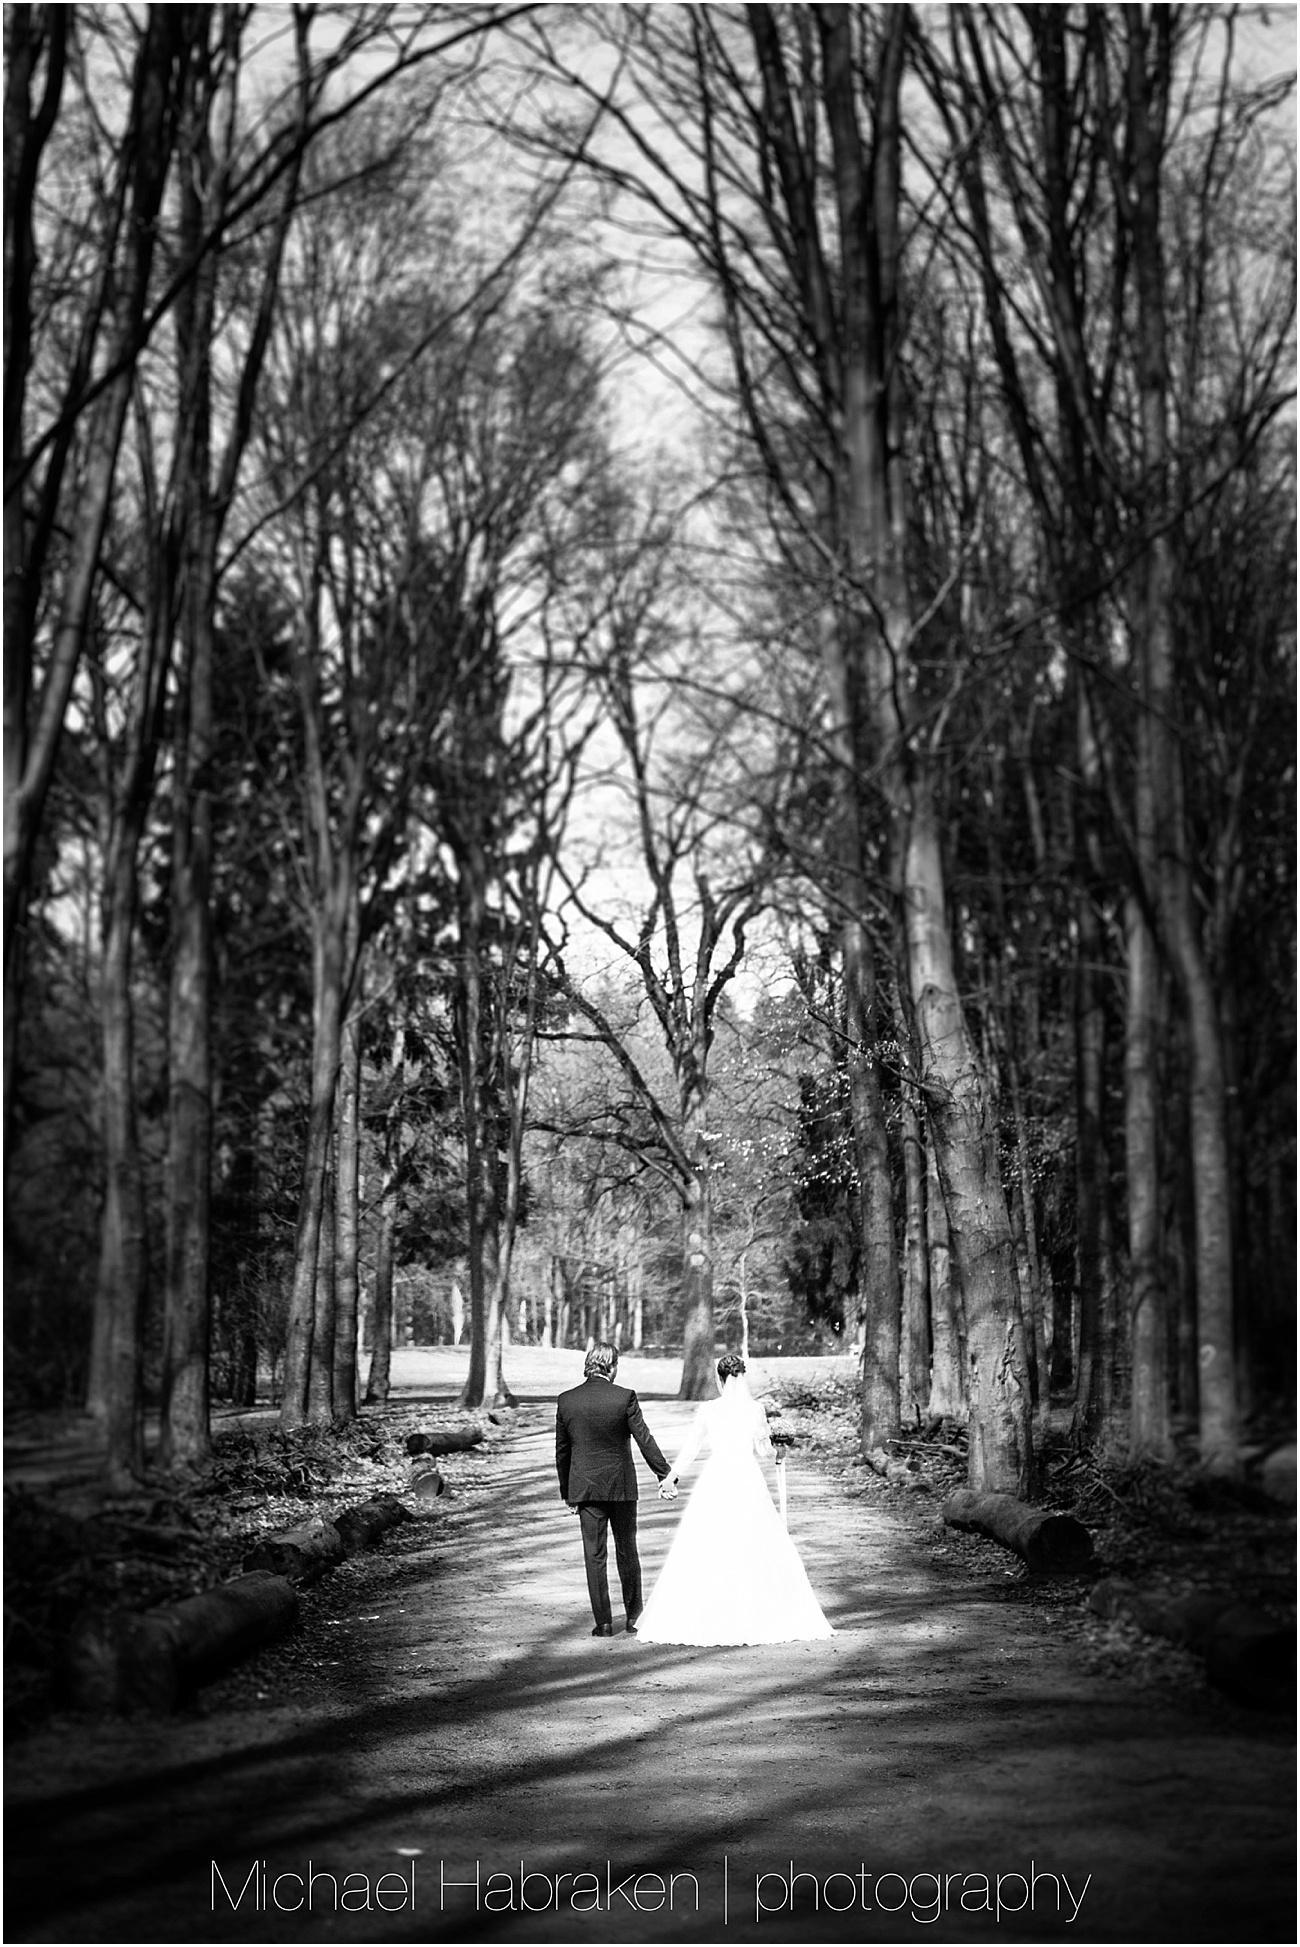 bruidsfotograaf Eindhoven, bruidsfotografie Eindhoven, trouwfotograaf Eindhoven, trouwfotografie Eindhoven, fotograaf Eindhoven, Philips de Jongh Park